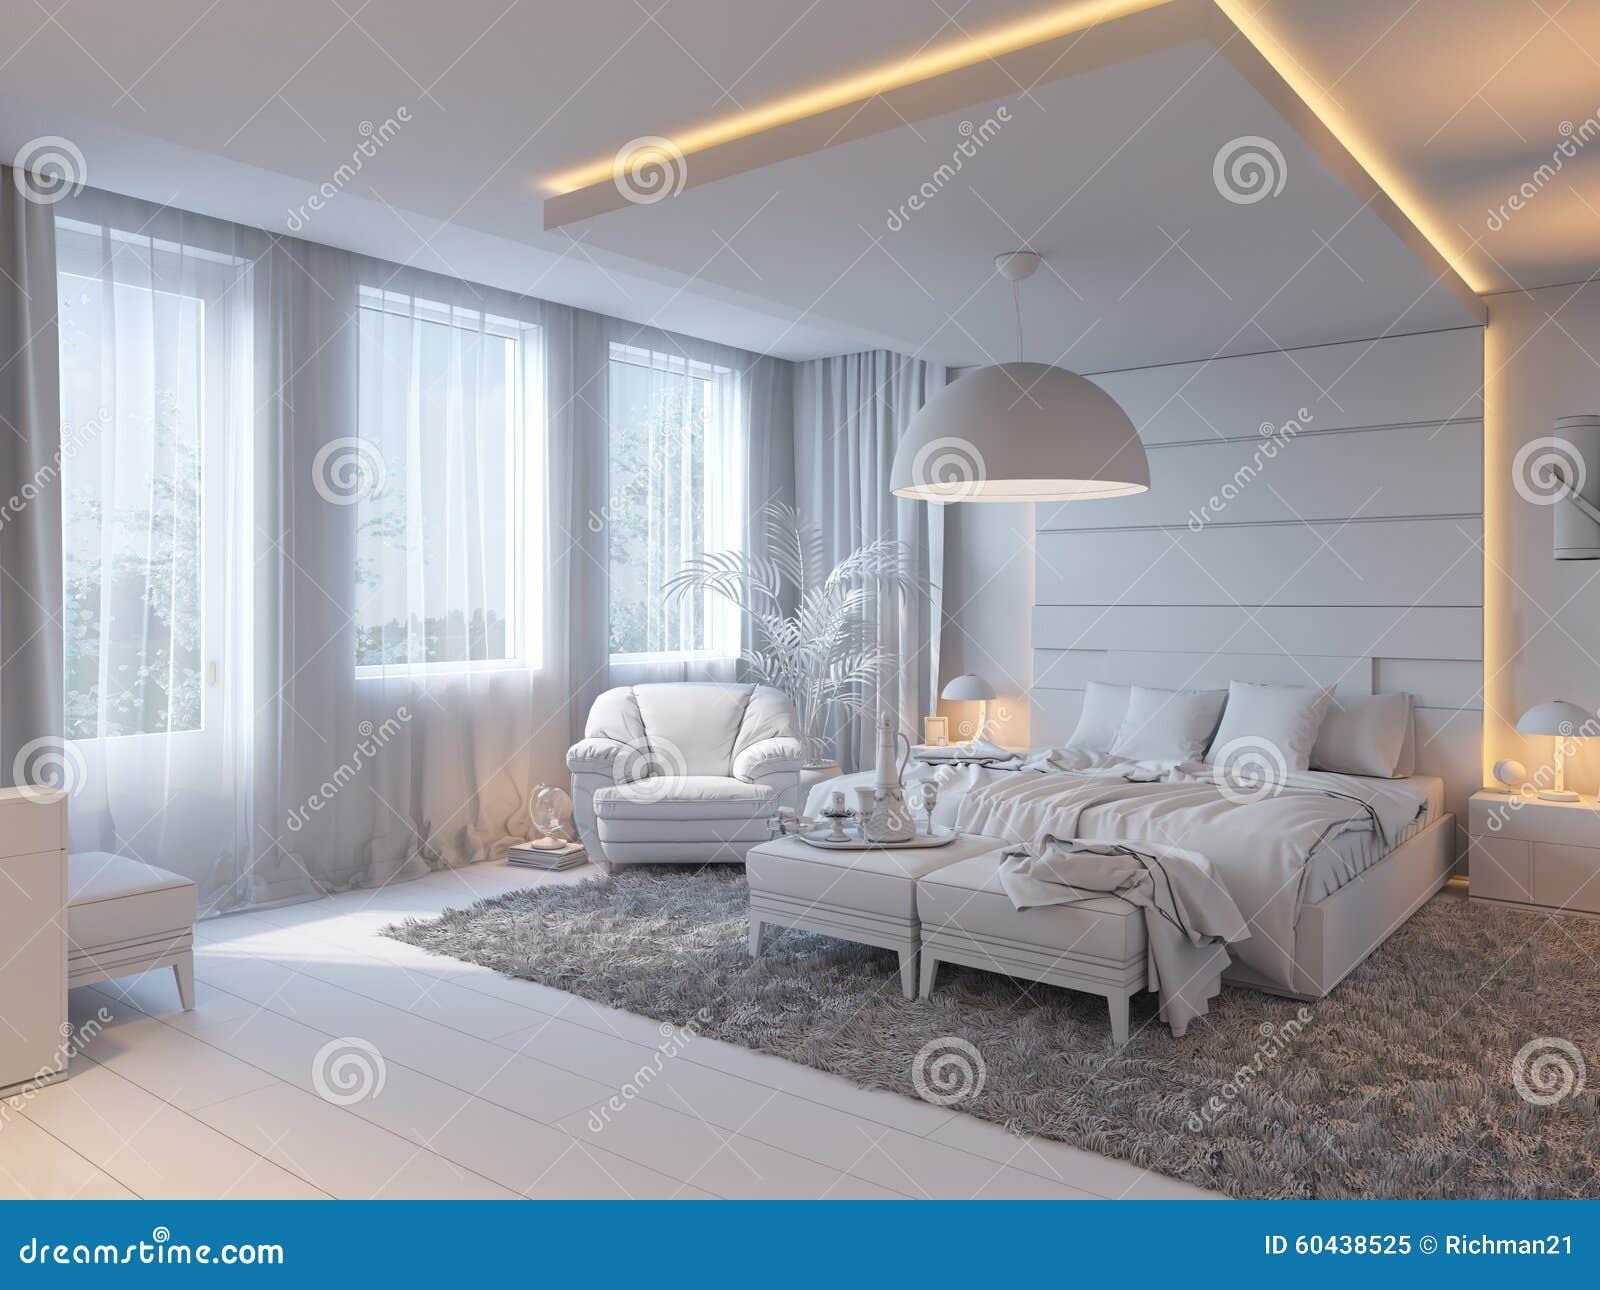 3d illustratie van slaapkamers in bruine kleur stock illustratie afbeelding 60438525 - Slaapkamer kleur idee ...